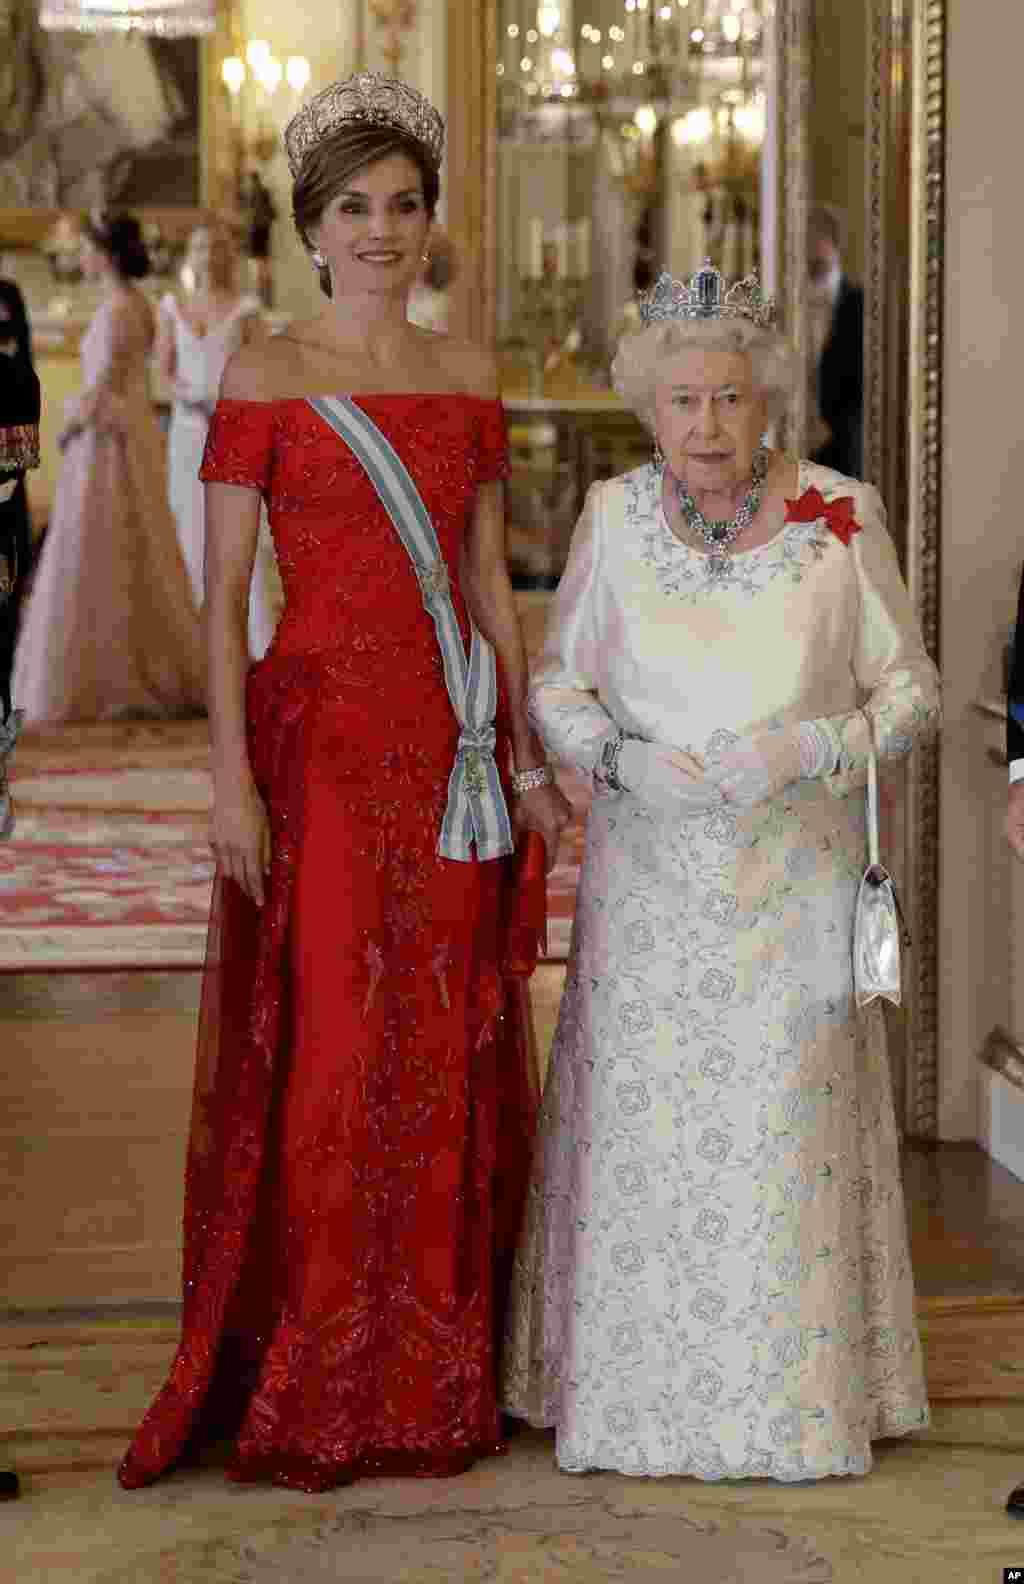 Ispaniya va Britaniya monarxlari, London